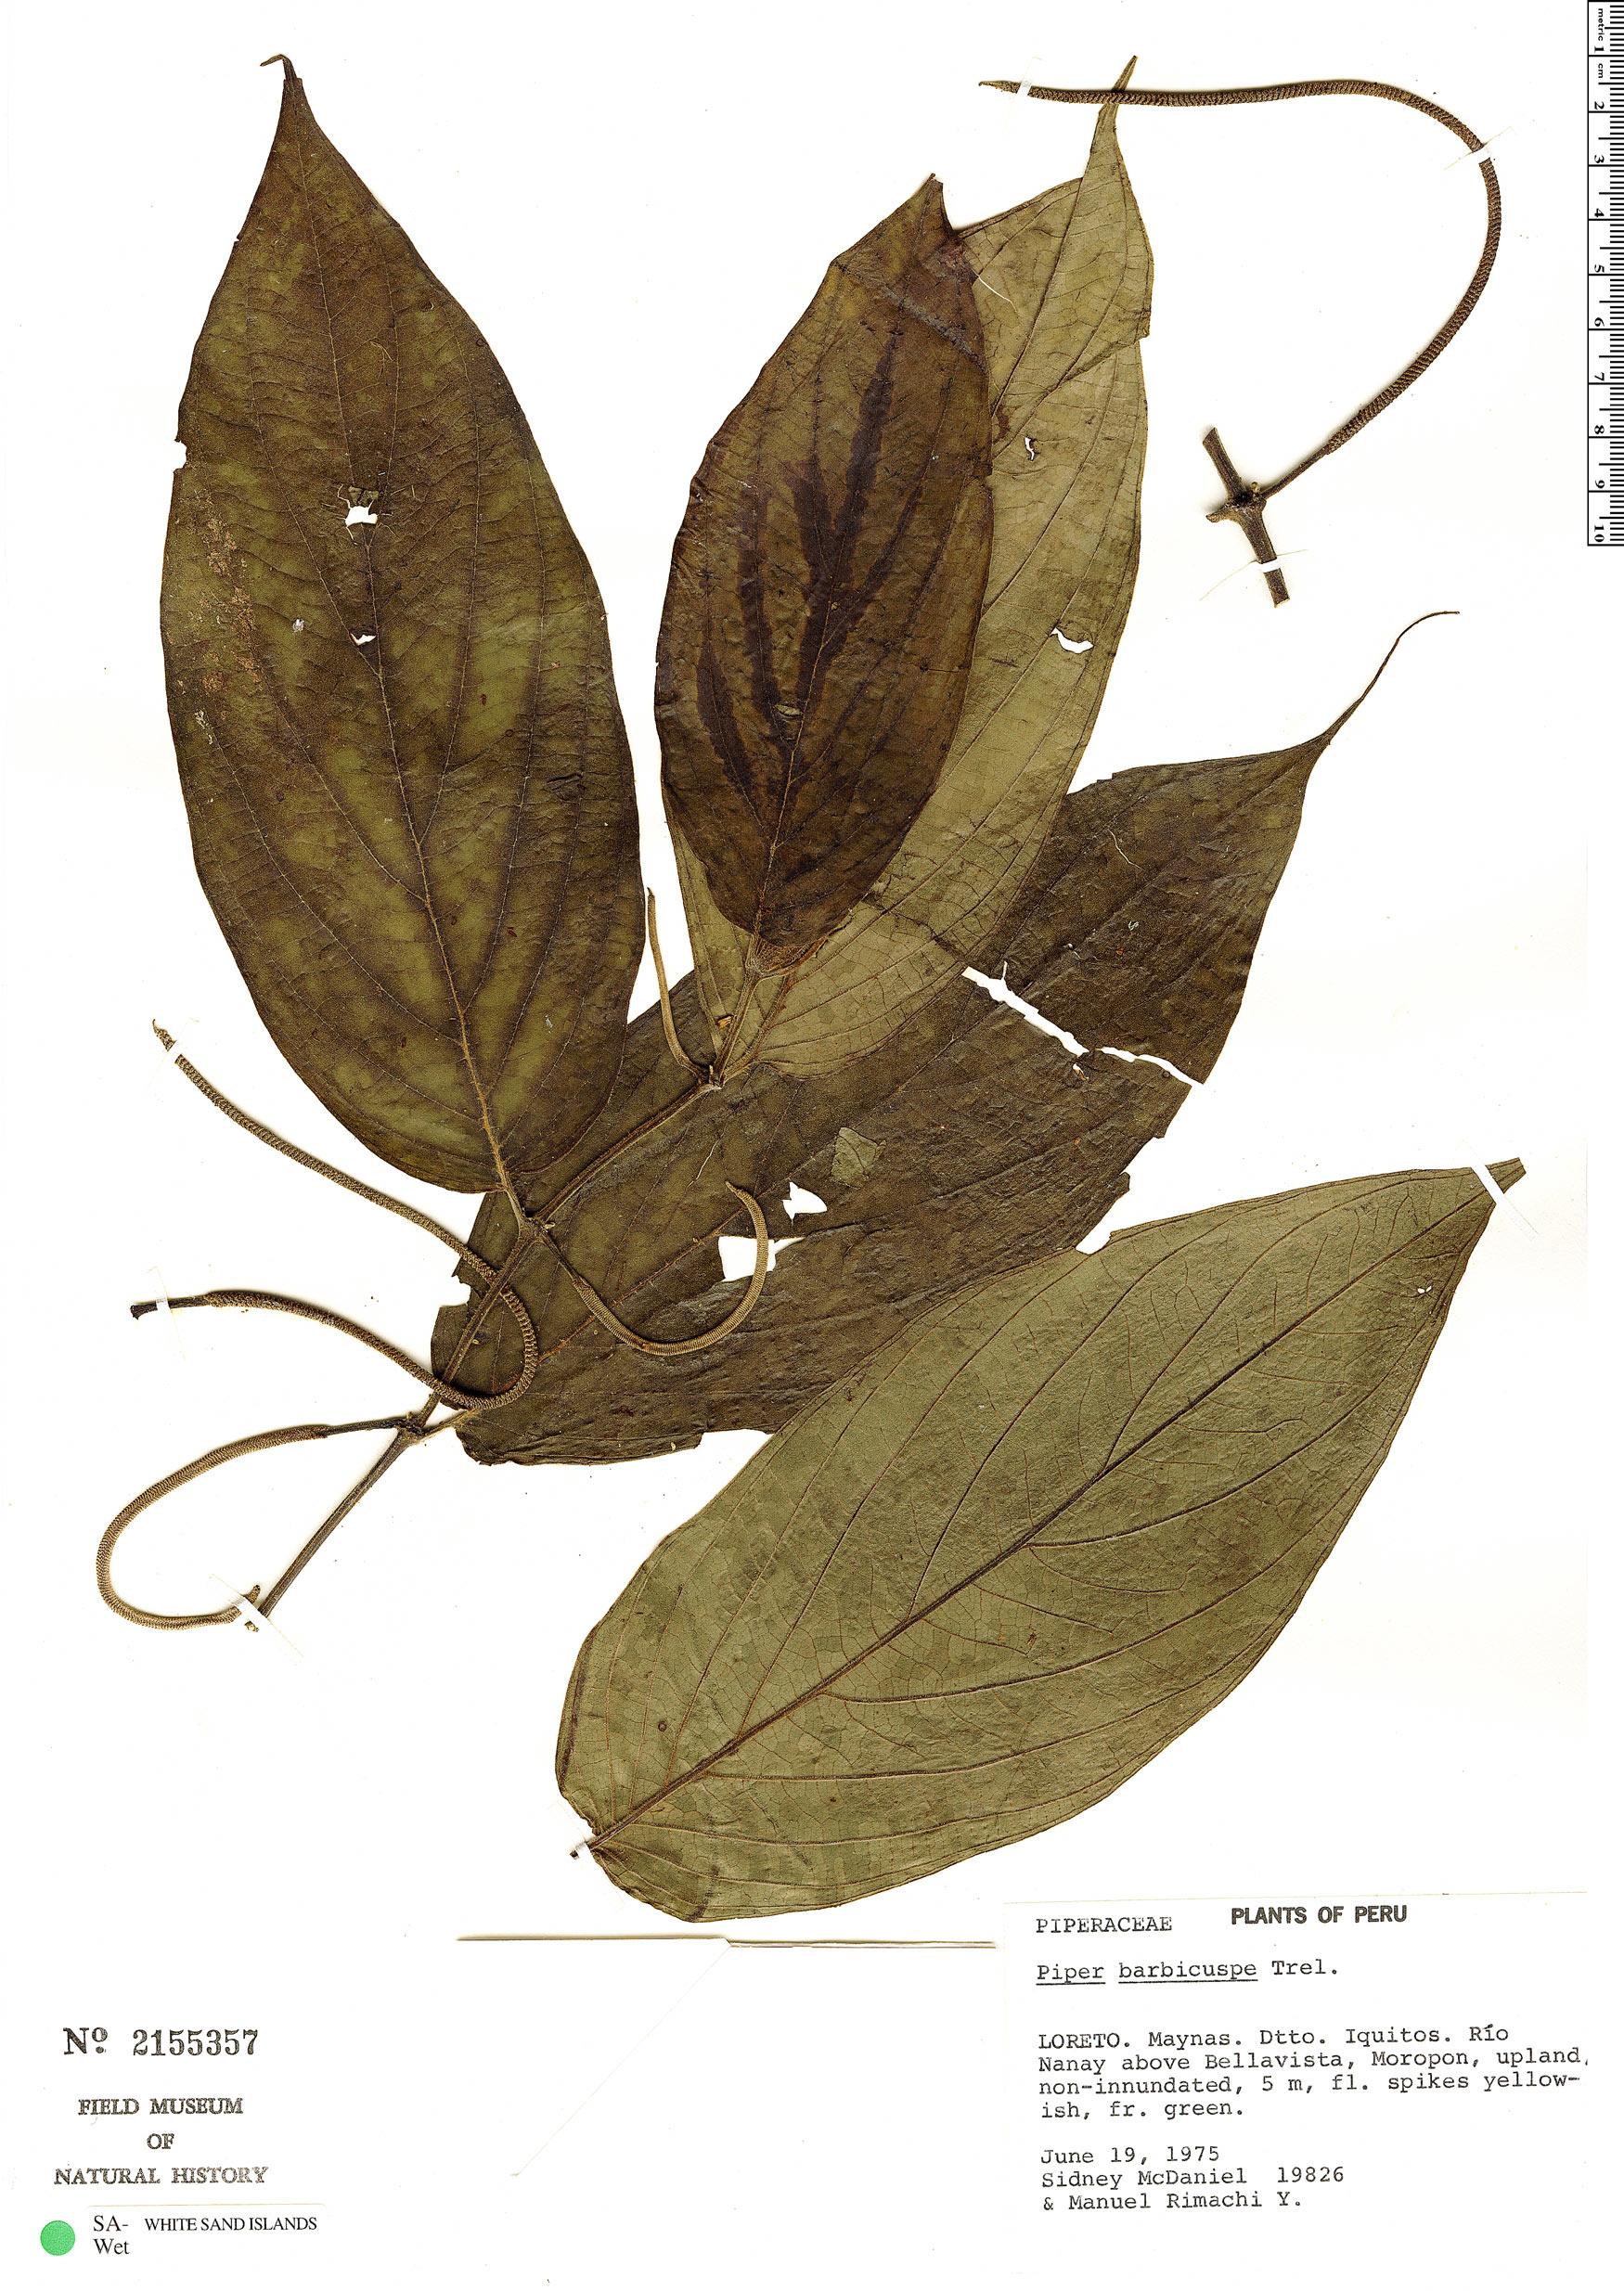 Specimen: Piper barbicuspe